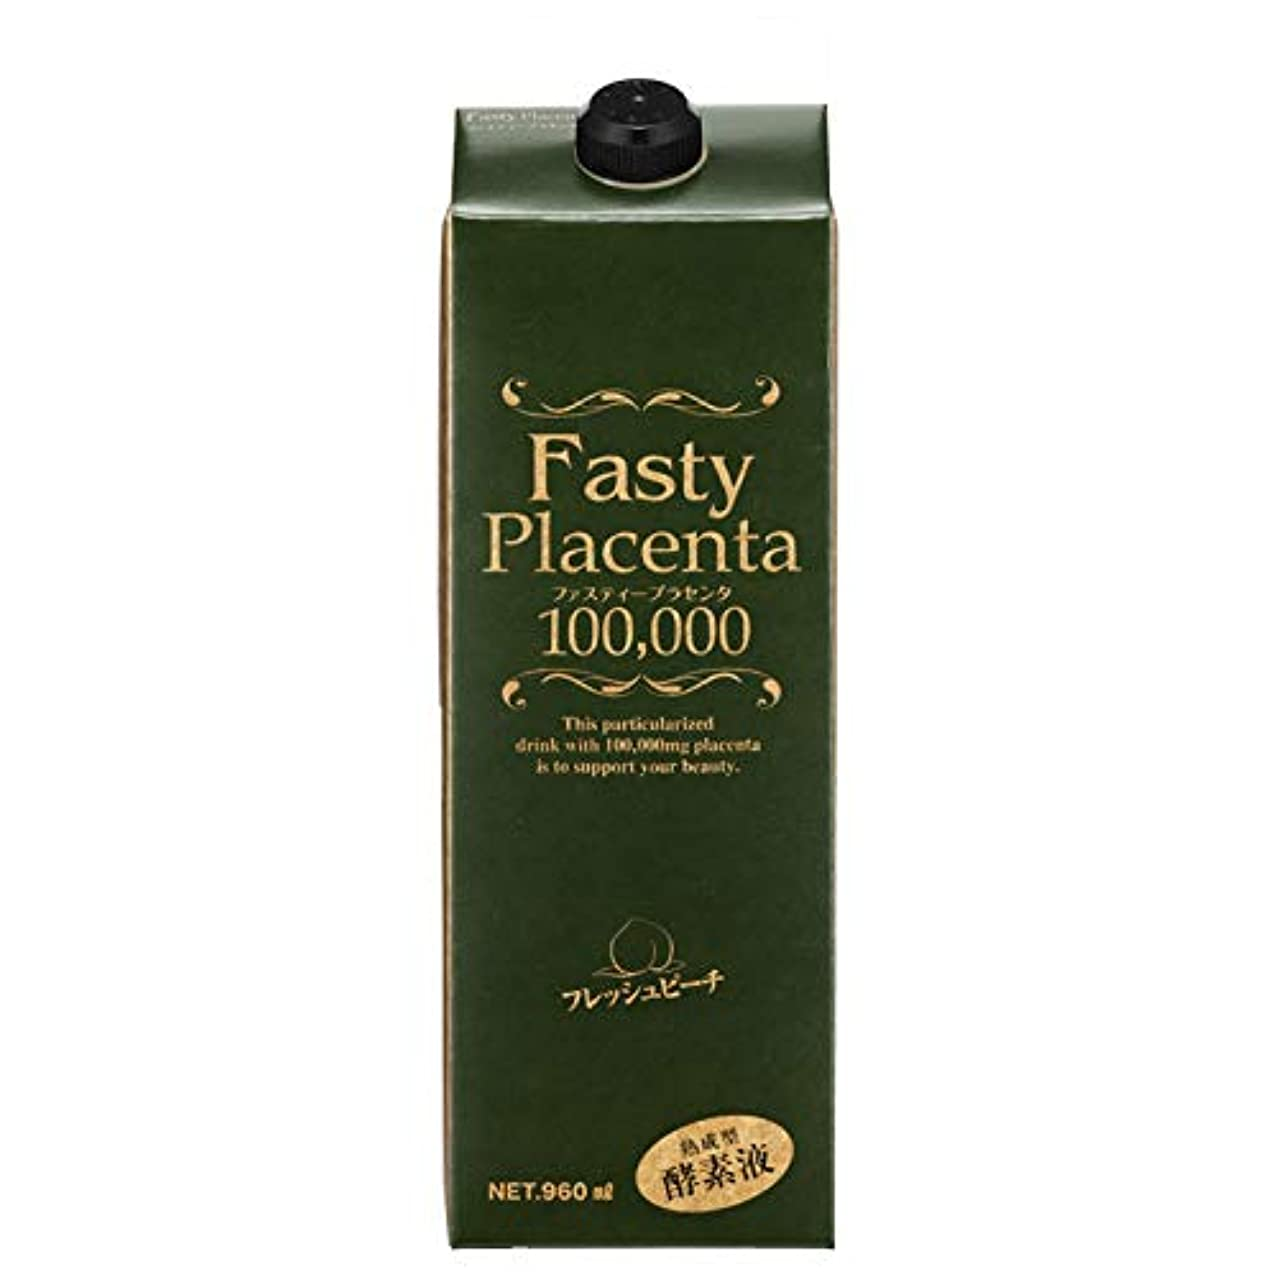 悪意のあるハイブリッド委託ファスティープラセンタ100,000 増量パック(フレッシュピーチ味)1個